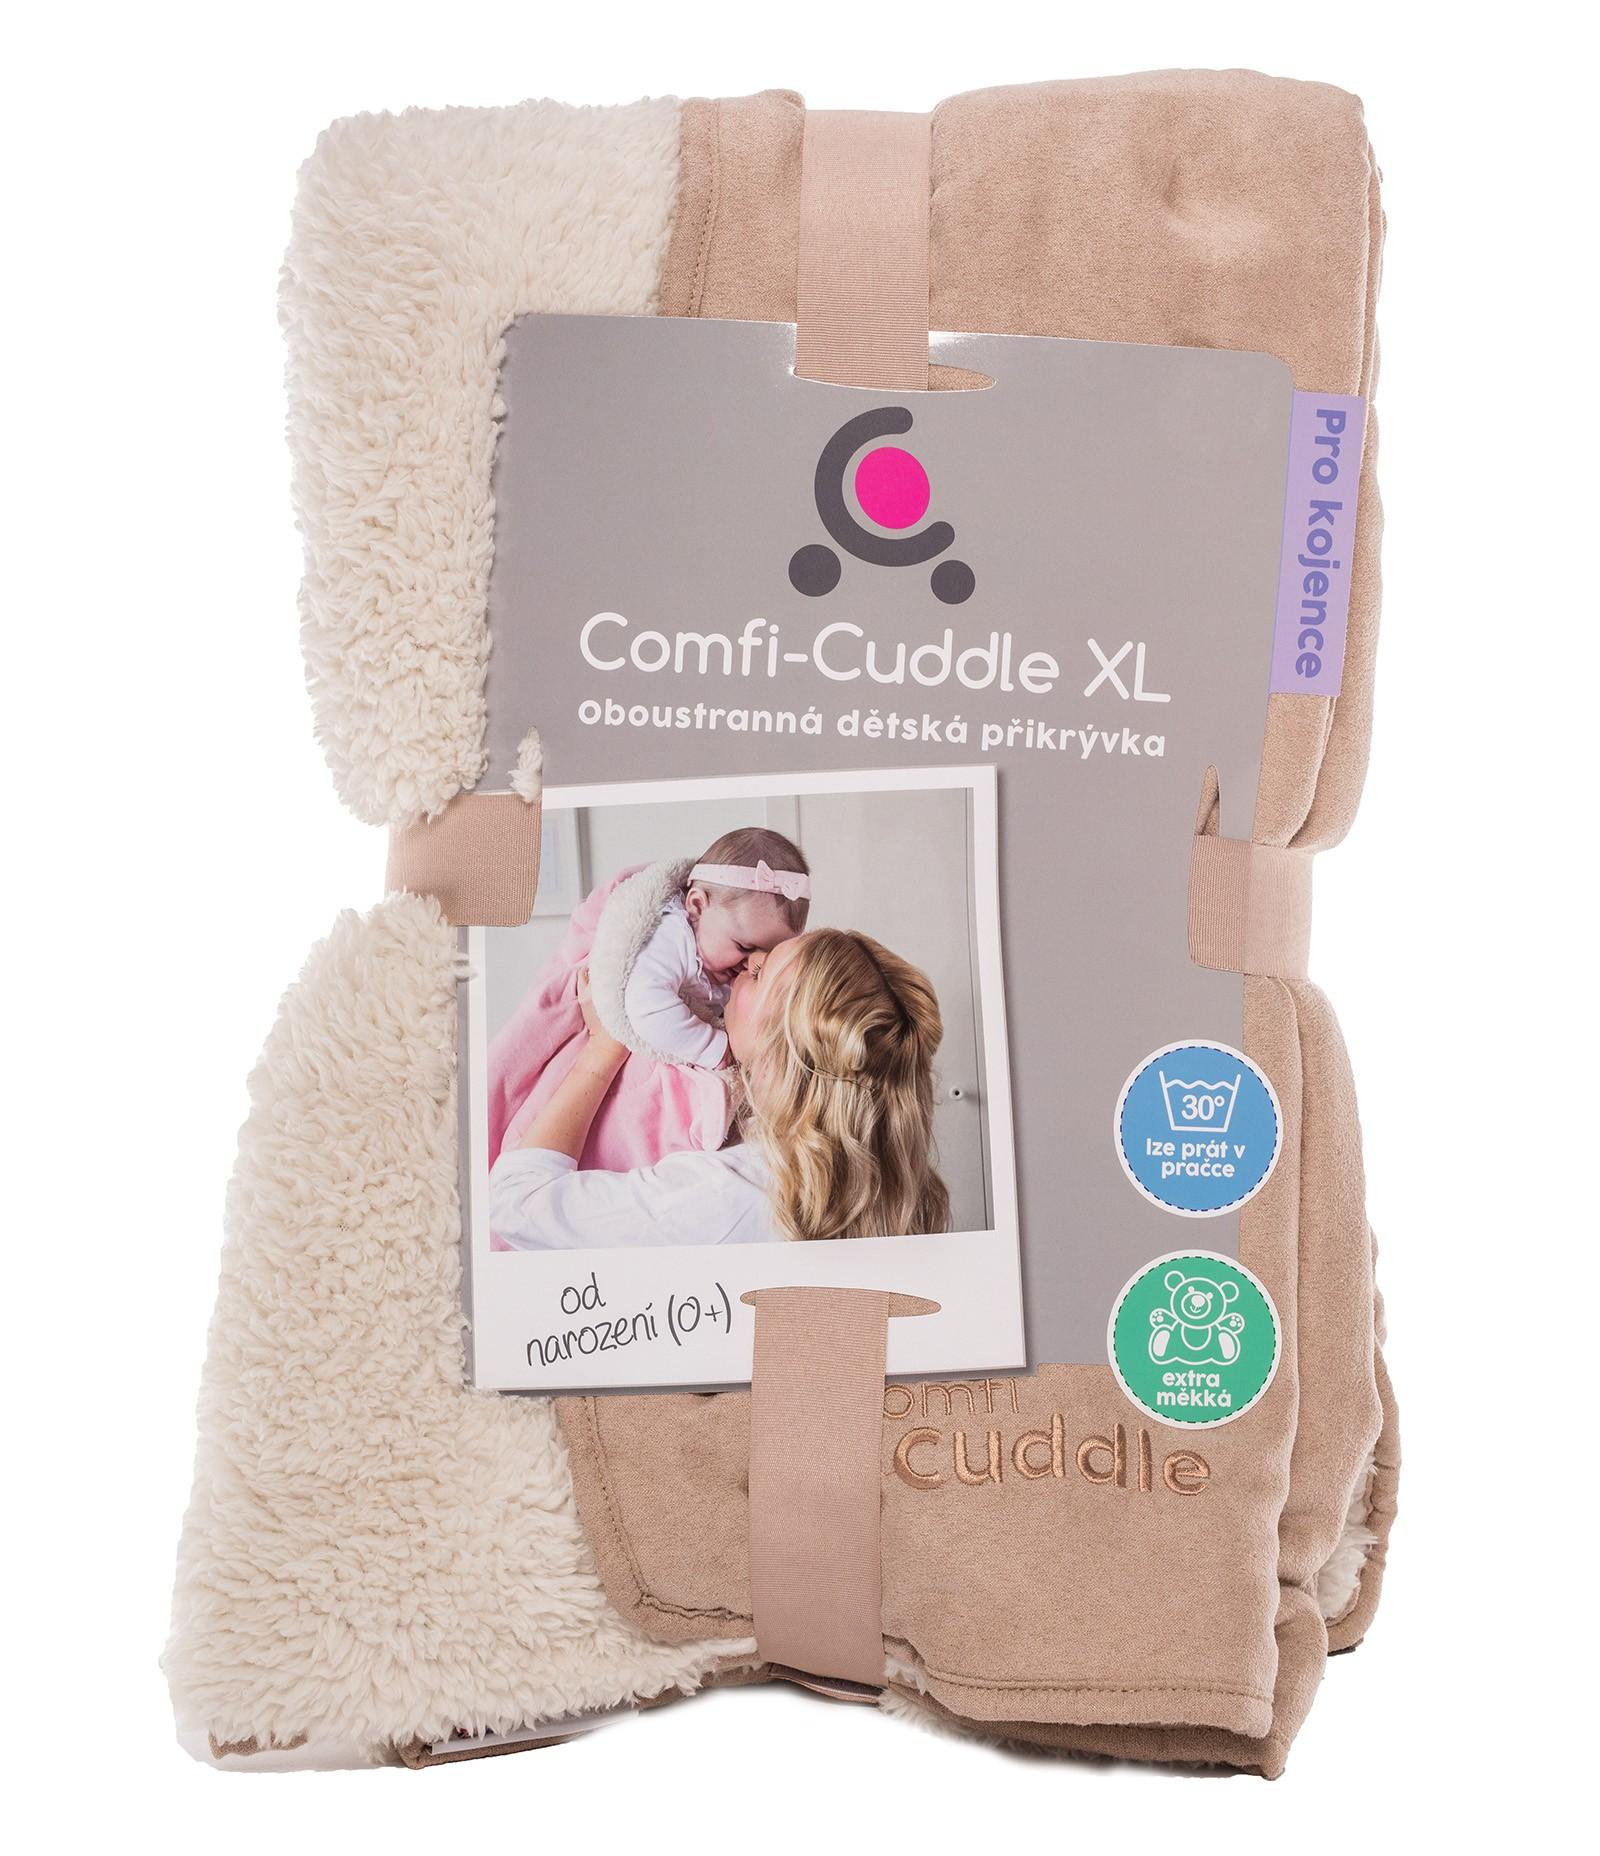 Cuddleco Dětská deka Comfi-Cuddle 140x100cm - Mink